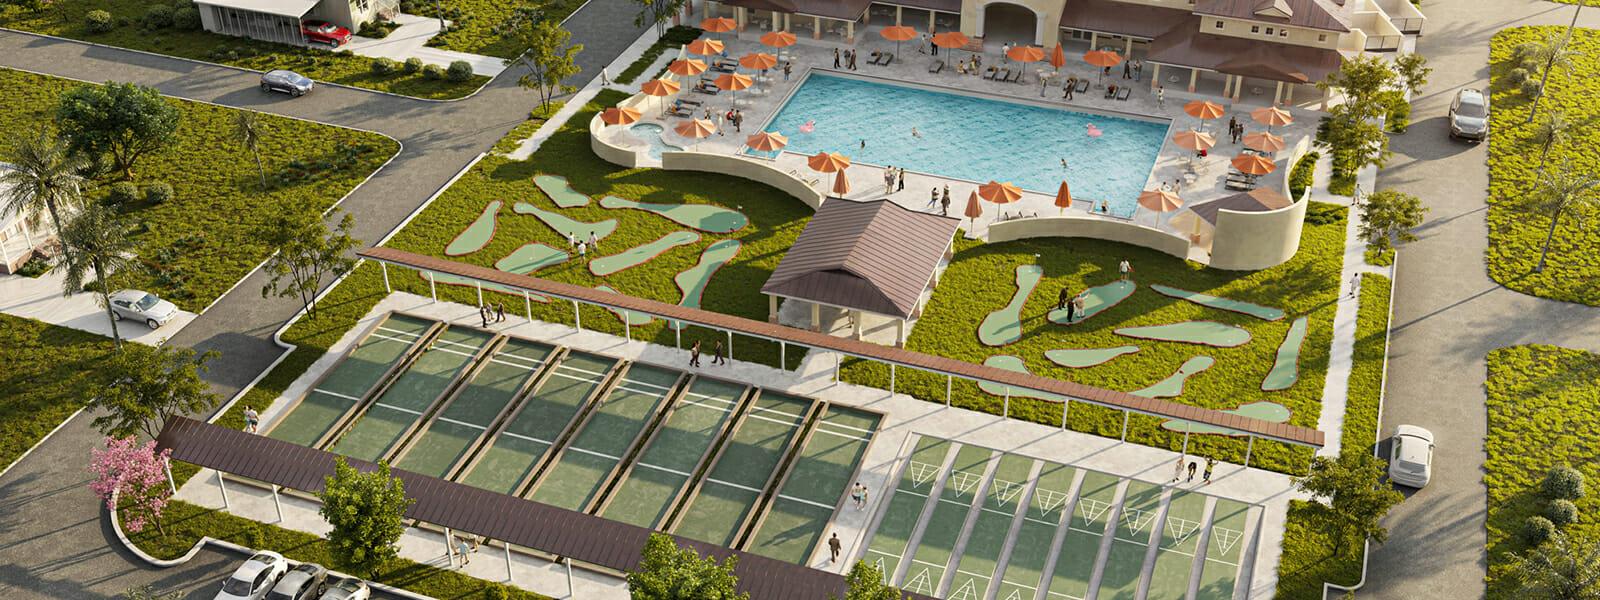 Naples Estates   Active Adult Living Naples FL   55+ Community